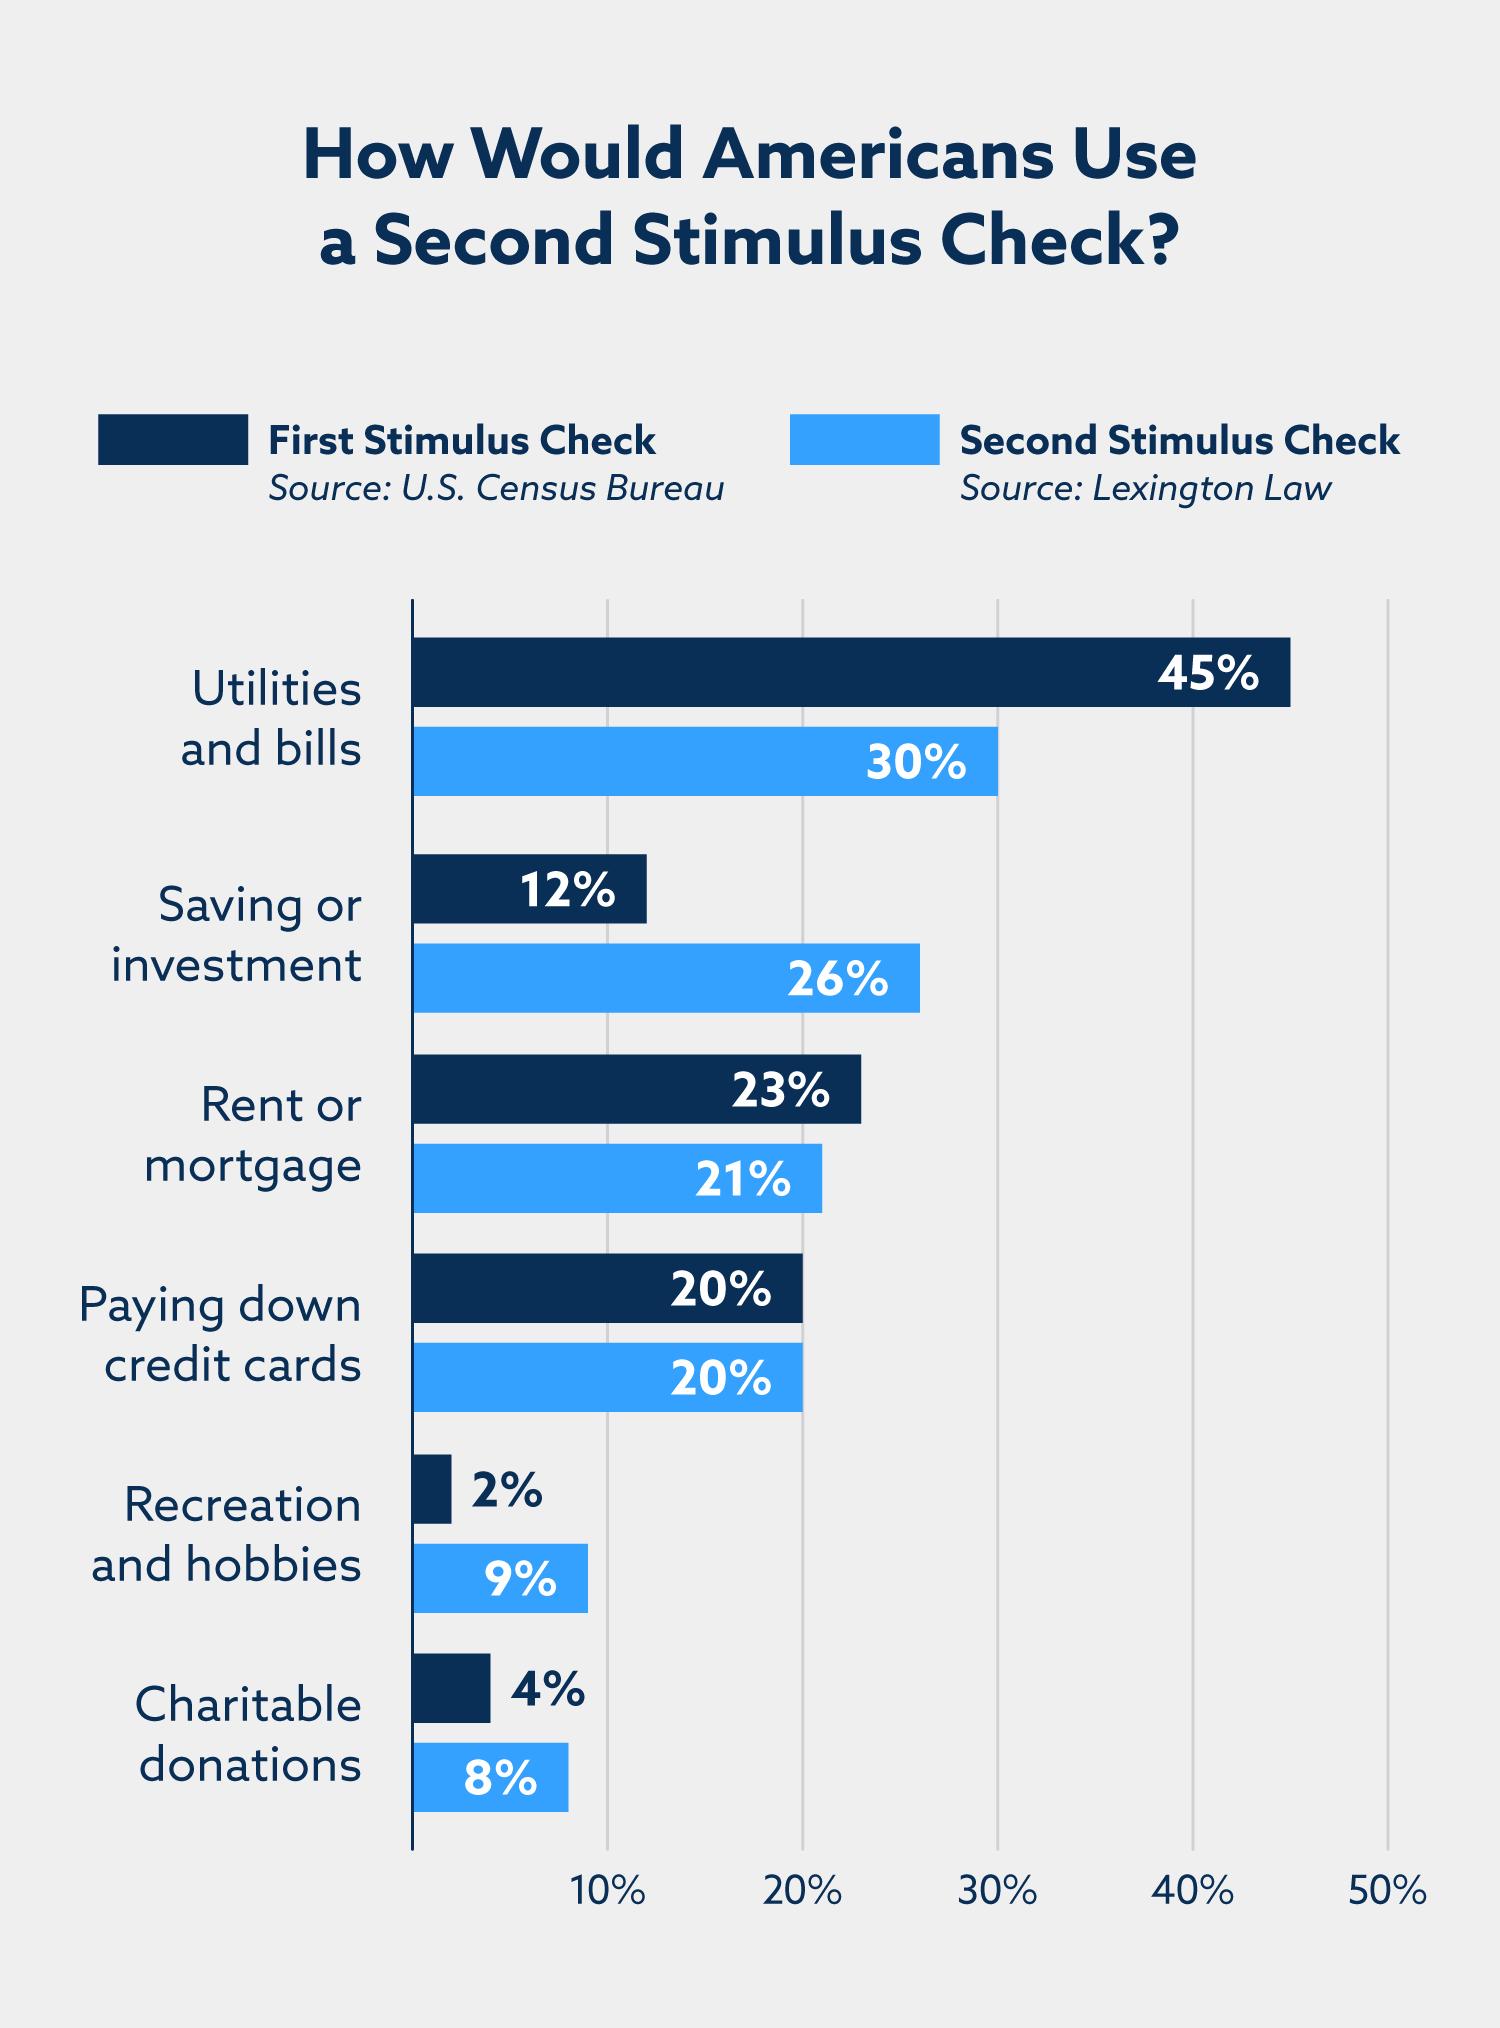 ¿Cómo utilizarían los estadounidenses una segunda verificación de estímulo? Servicios públicos y facturas: 30%. Ahorro o inversión: 26%. Alquiler o hipoteca: 21%. Pago de tarjetas de crédito: 20%. Recreación y aficiones: 9%. Donaciones benéficas: 8%.